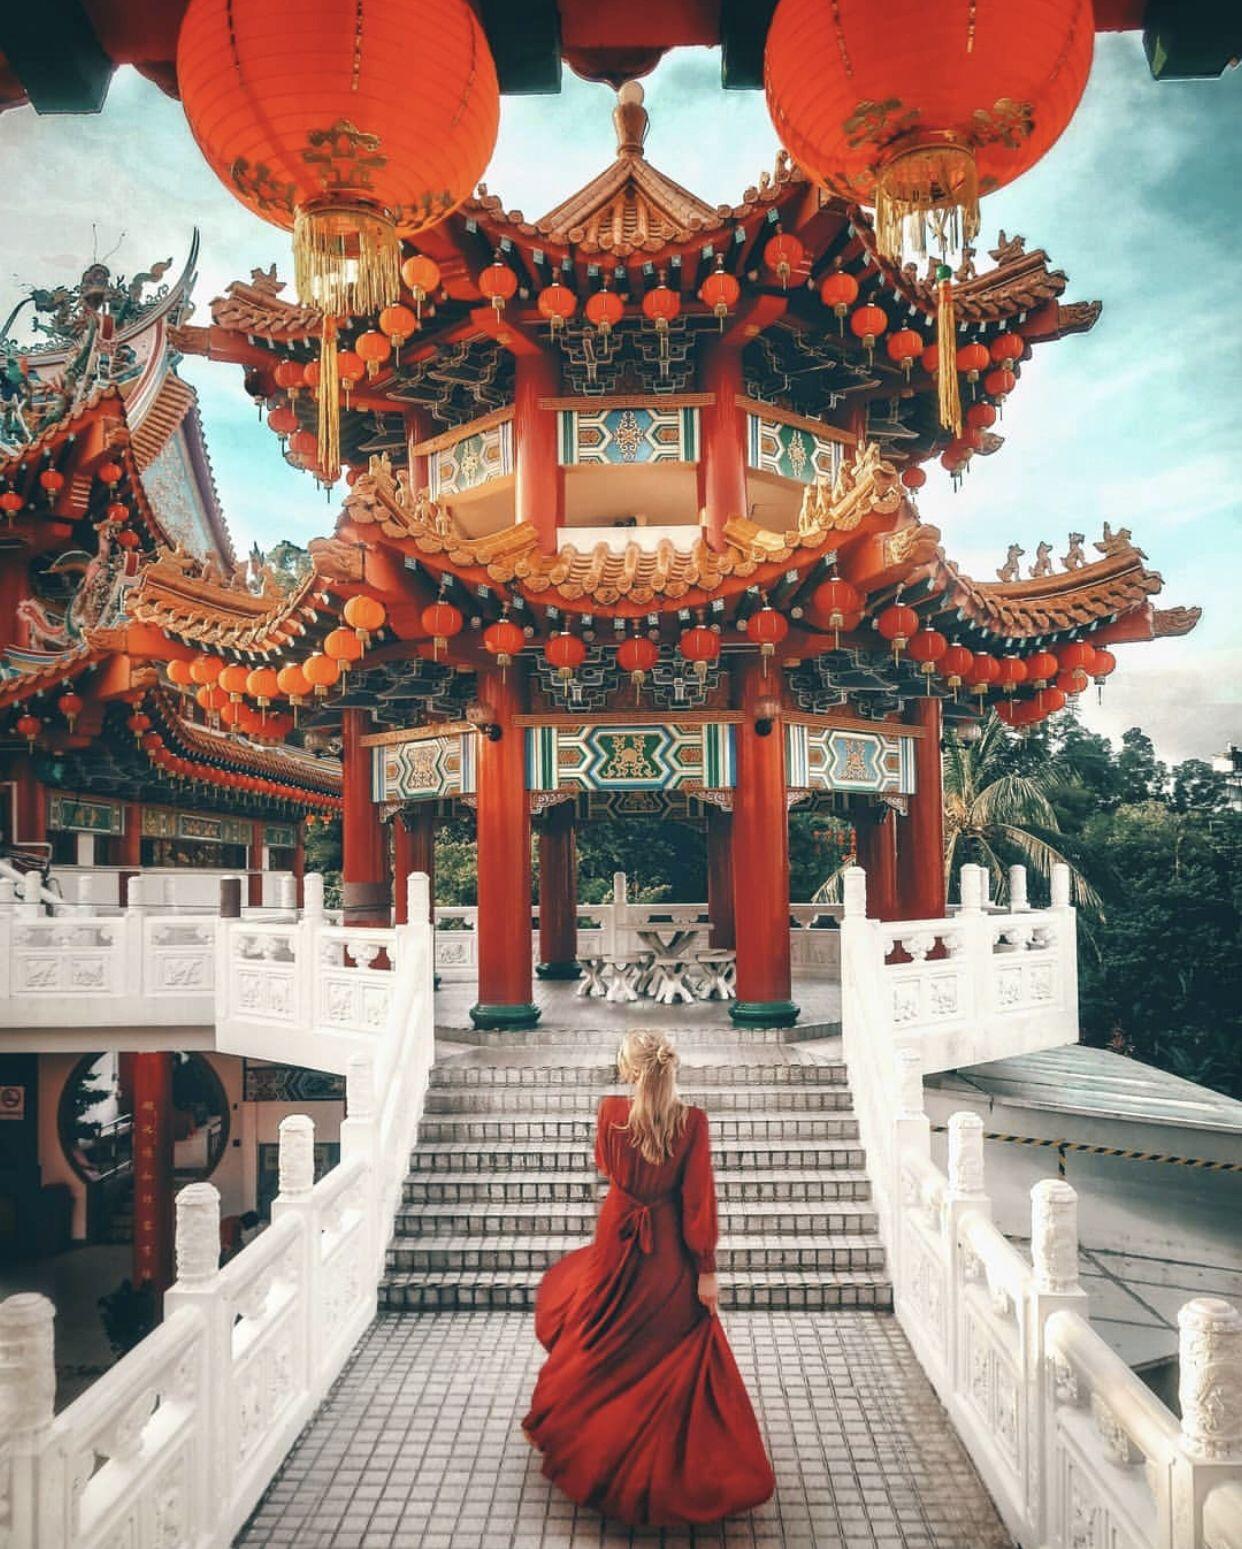 Kuala Lumpur, Malaysia by @mao.amore, reposted by @journeysofgirls. —— #travel #kualalumpur #malaysia #asia #southeastasia #wanderlust #temple #beautiful #dresses #gowns #reddress #stunning #beautifuldestinations